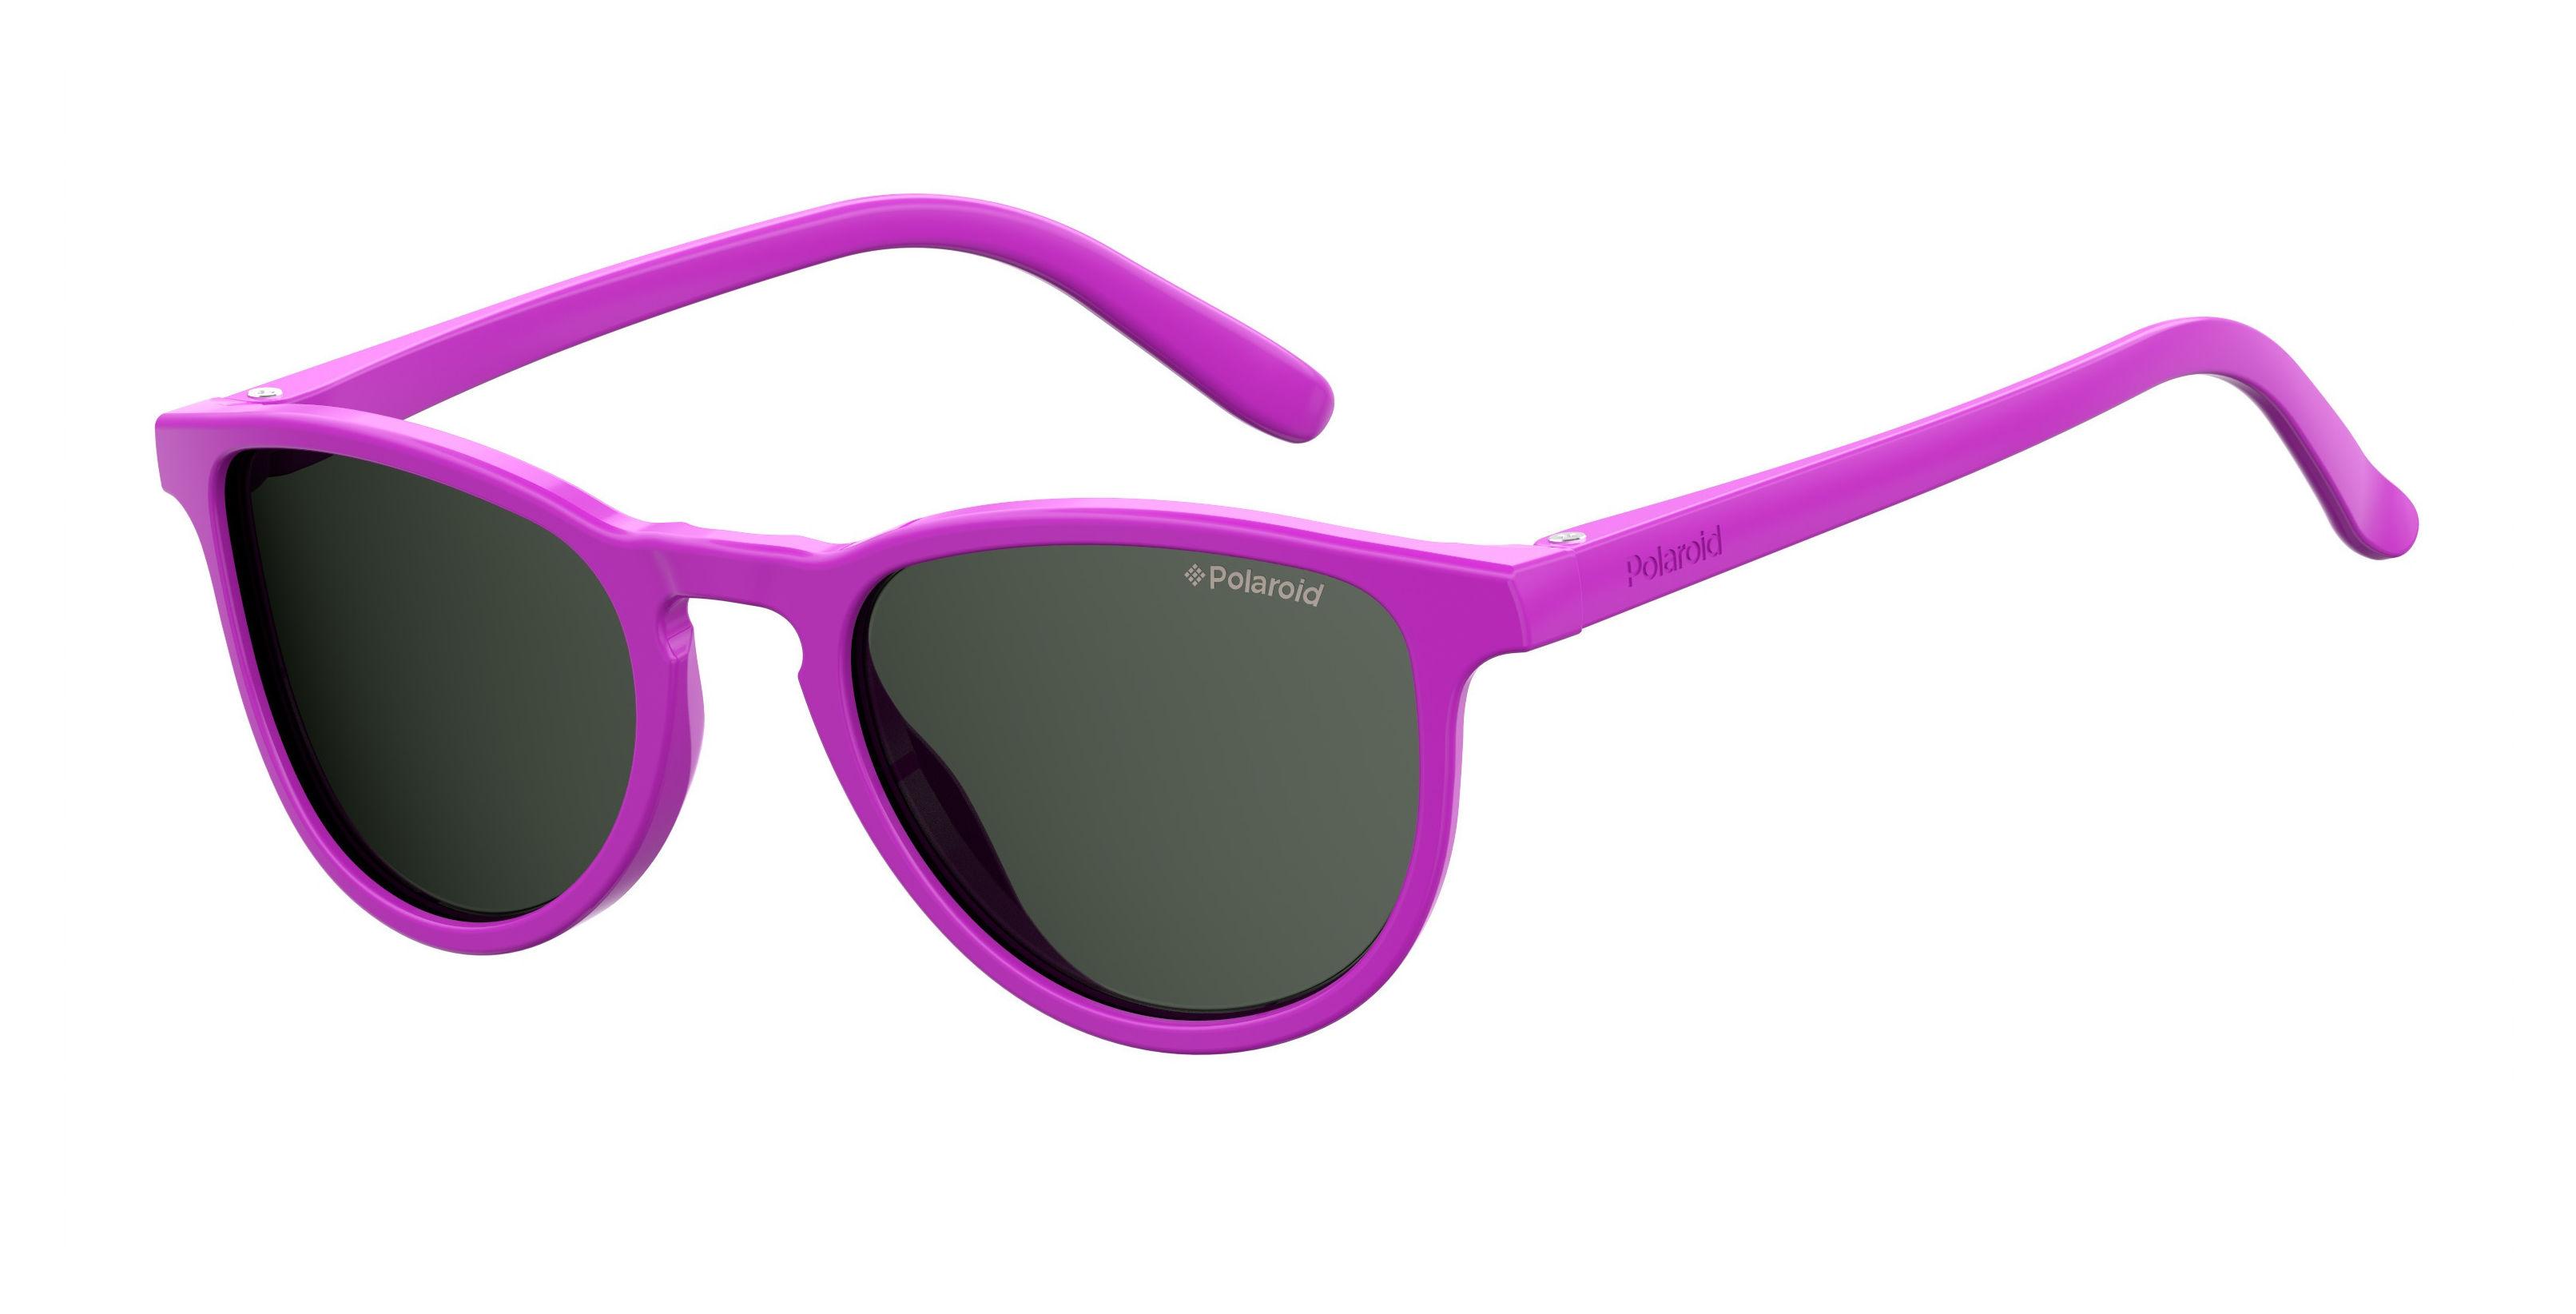 6e818affaf2 Eyewear for Kids - Fuchsia - Optiwow